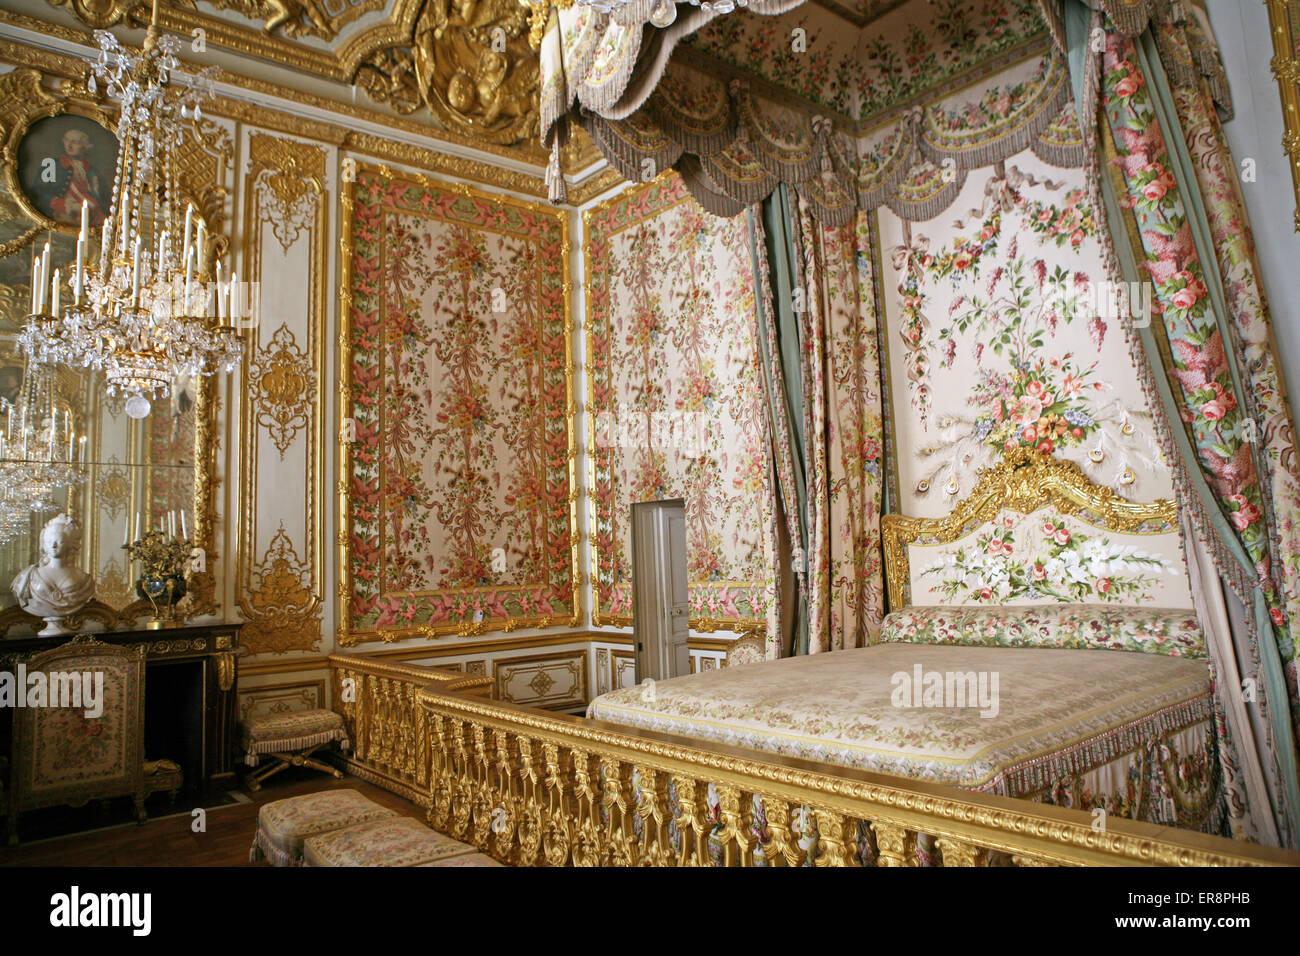 La Queens In Camera Da Letto O Bedchamber Palace Versailles Francia Foto Stock Alamy